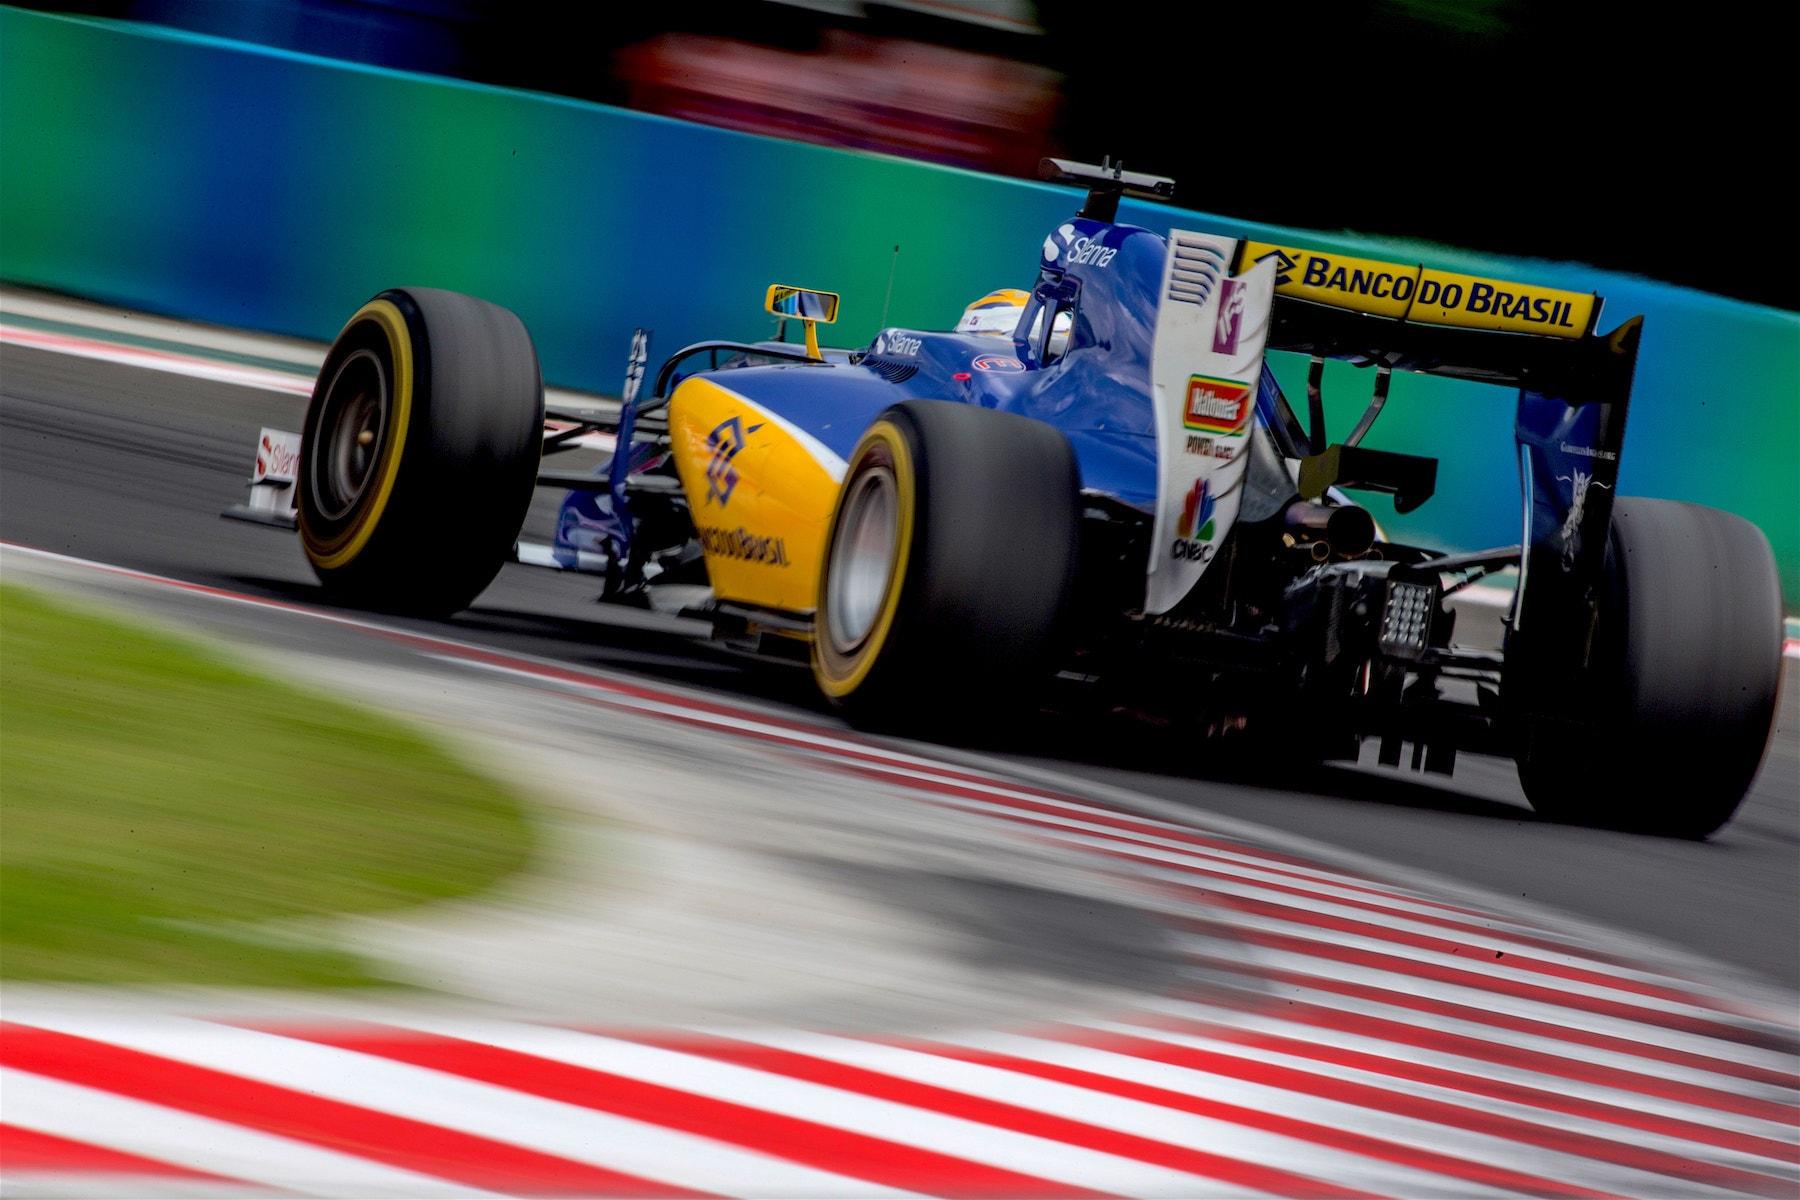 Salracing | Marcus Ericsson | Sauber F1 Team